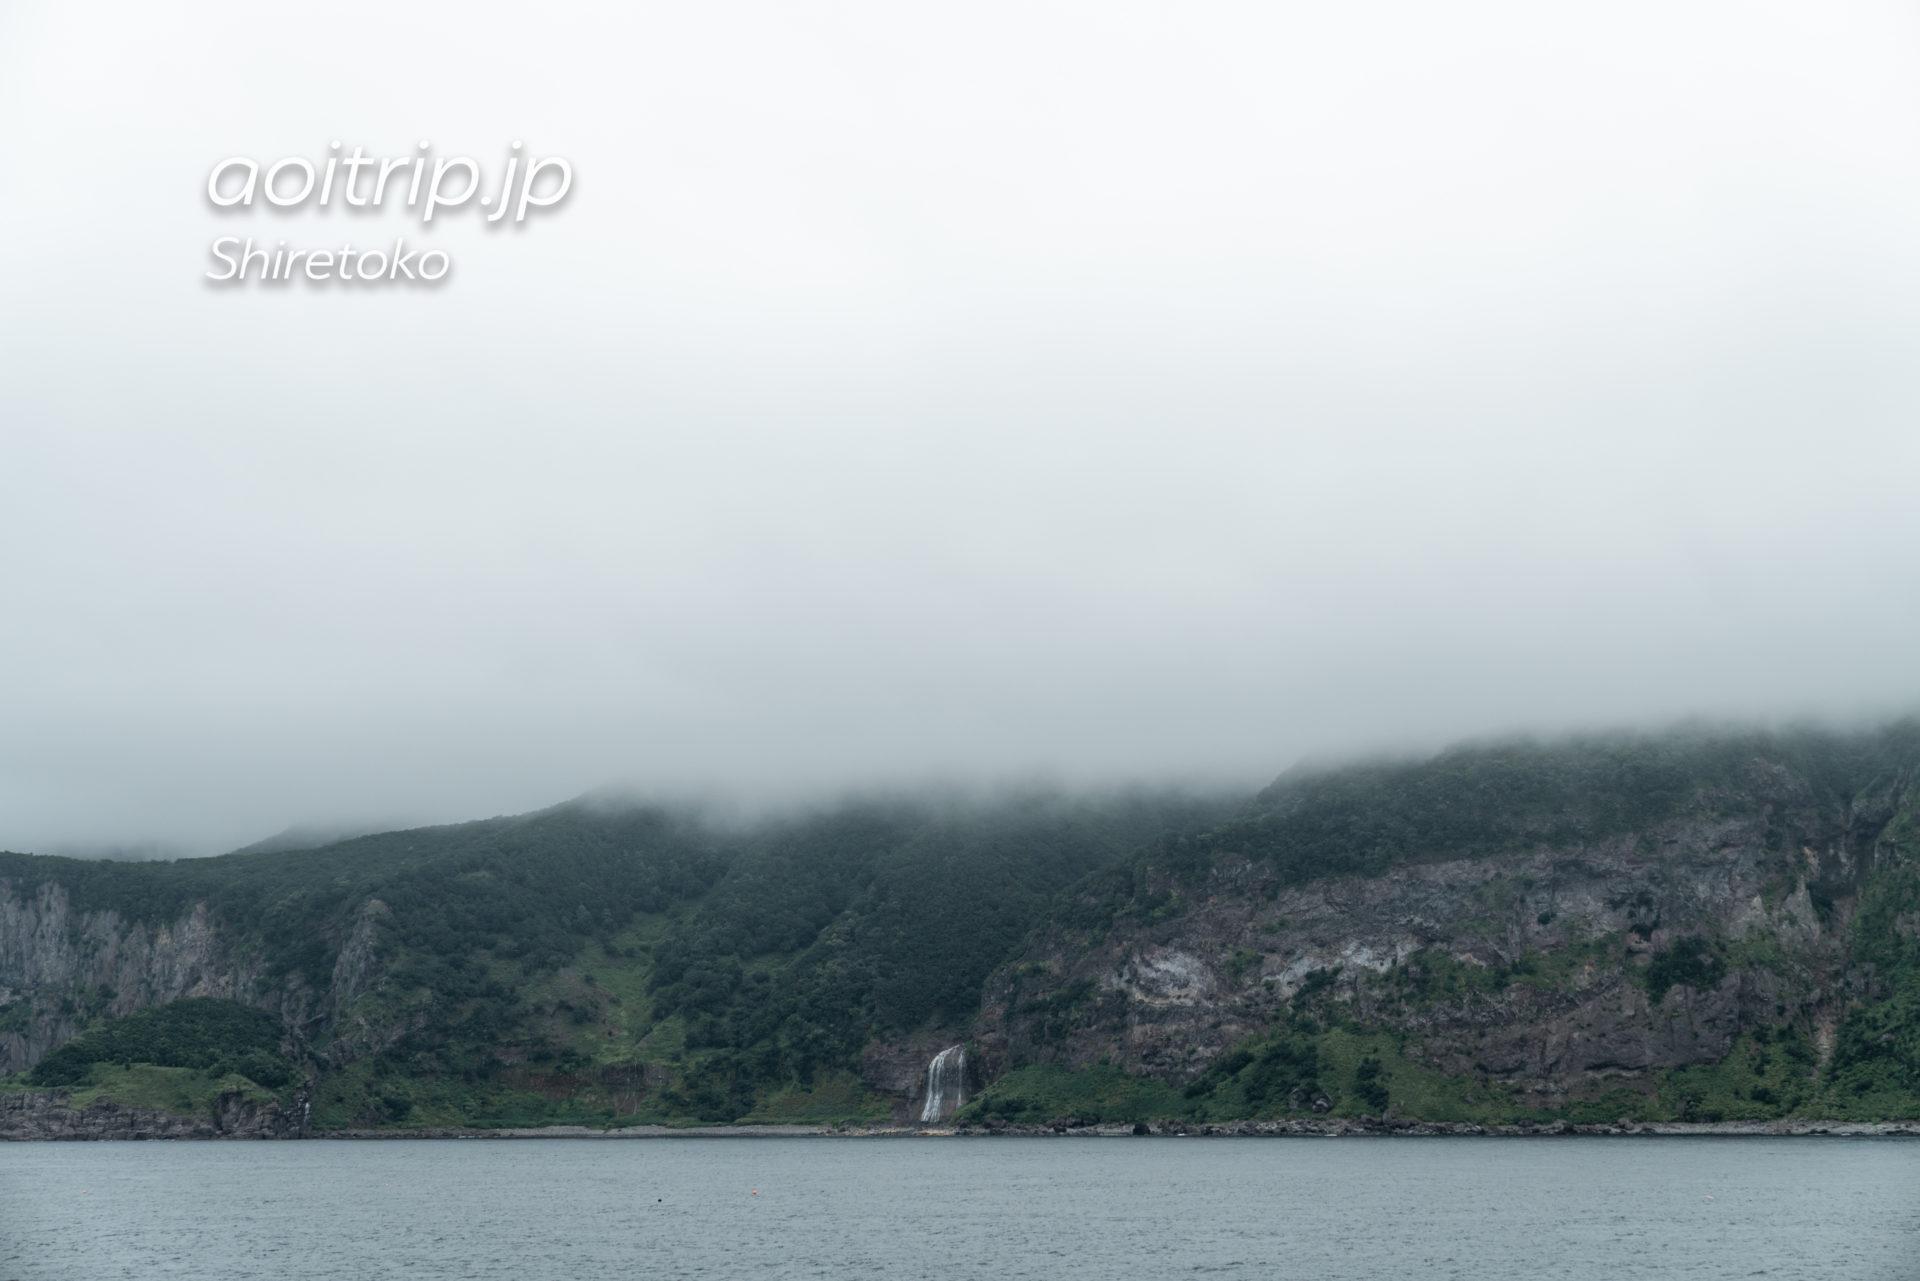 知床観光船おーろら カムイワッカの滝航路 カムイワッカ湯の滝